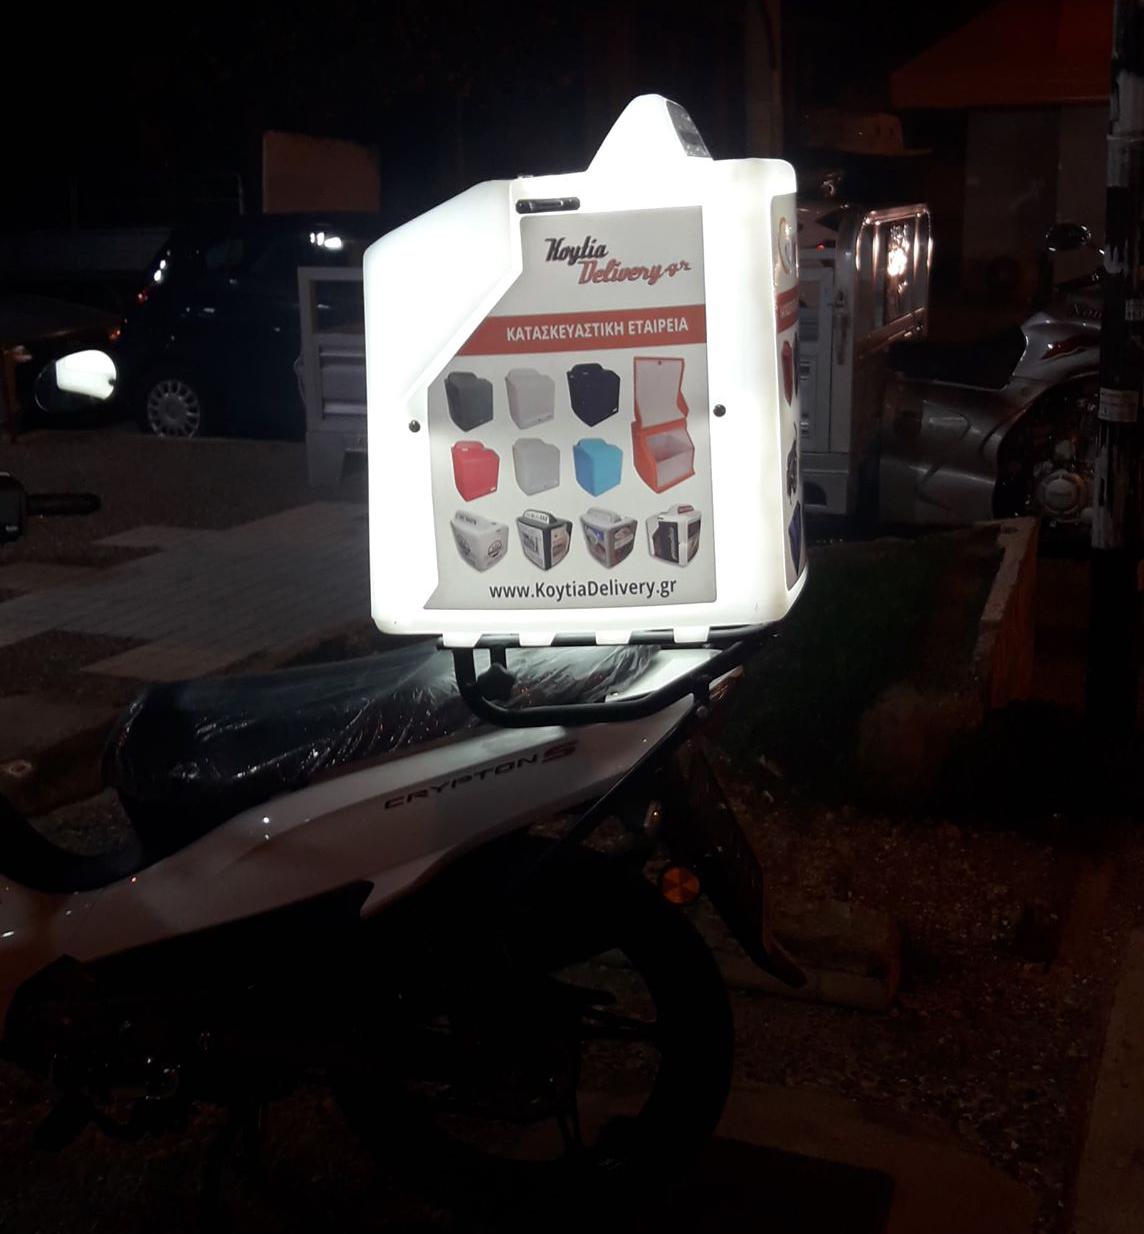 Ισχυρός φωτισμός LED σε κουτί delivery